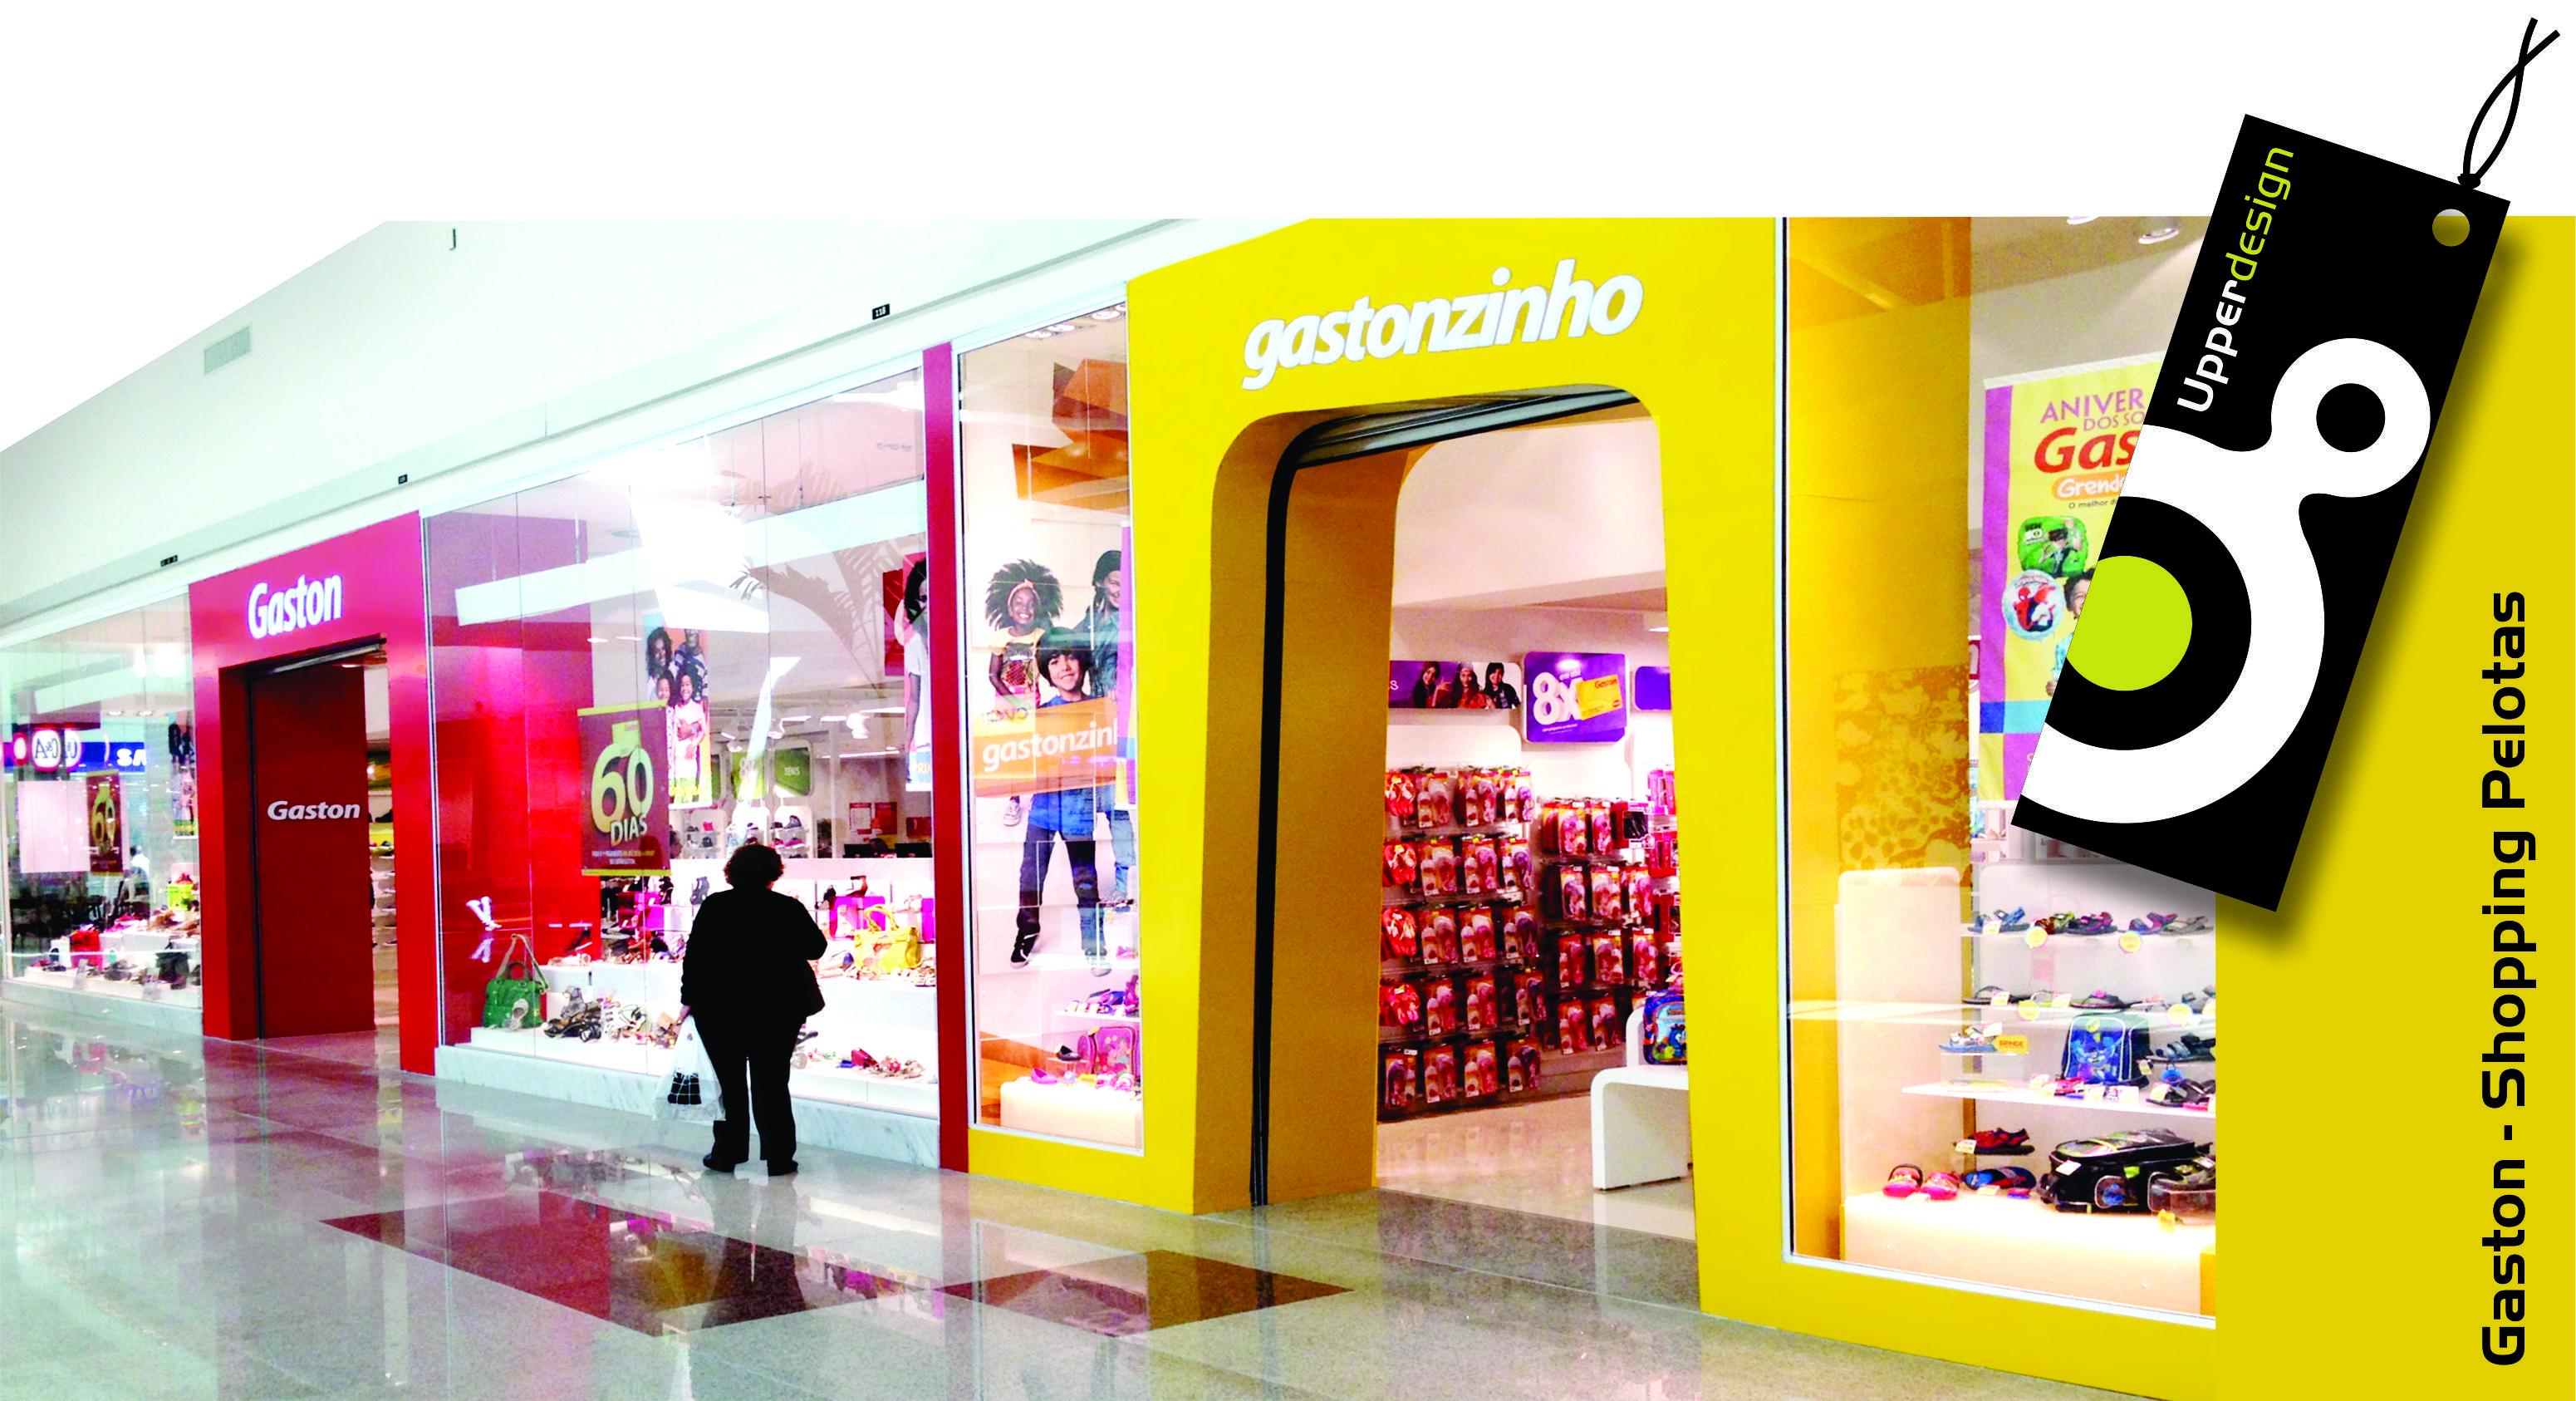 eb25dd0d2 Gastonzinho Calçados - Shopping Pelotas Projeto: Upper Design Design  Estratégico focado em Resultados para Varejo, www.upperdesign.com.br